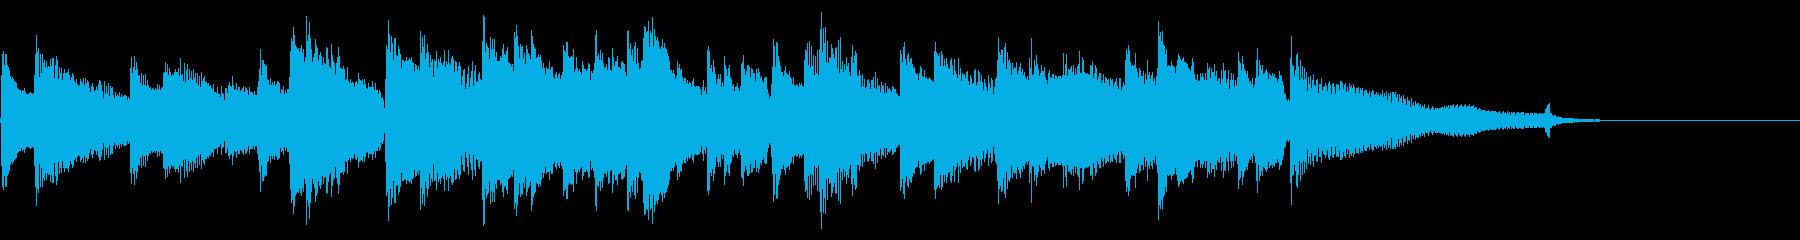 CM15秒、感動的なアコギとピアノ、日常の再生済みの波形